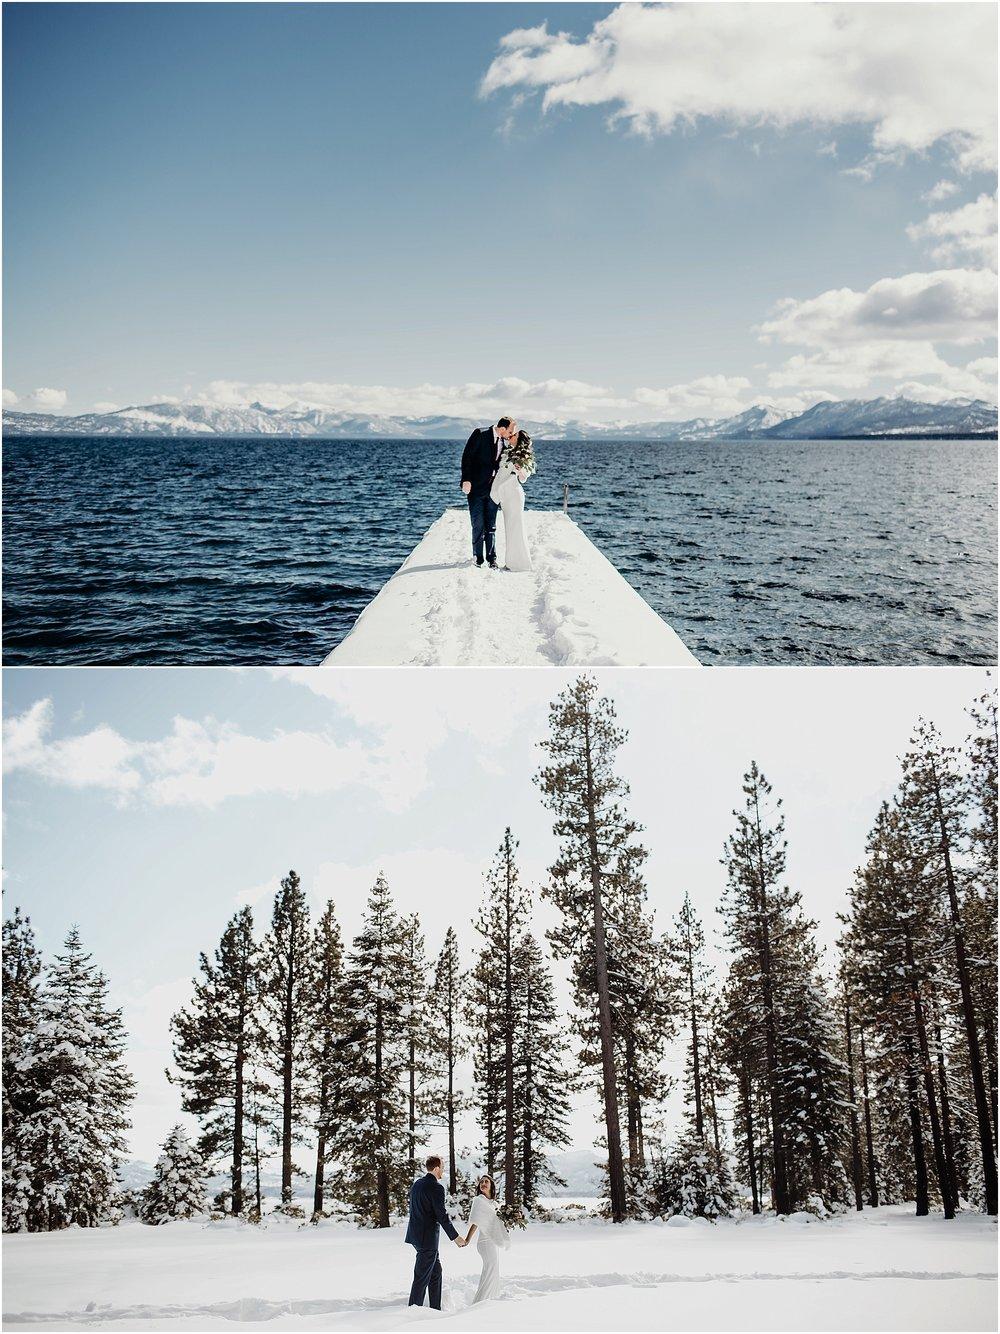 lake tahoe winter elopement - garwoods lake tahoe - garwoods wedding - lake tahoe wedding photographer1.jpg